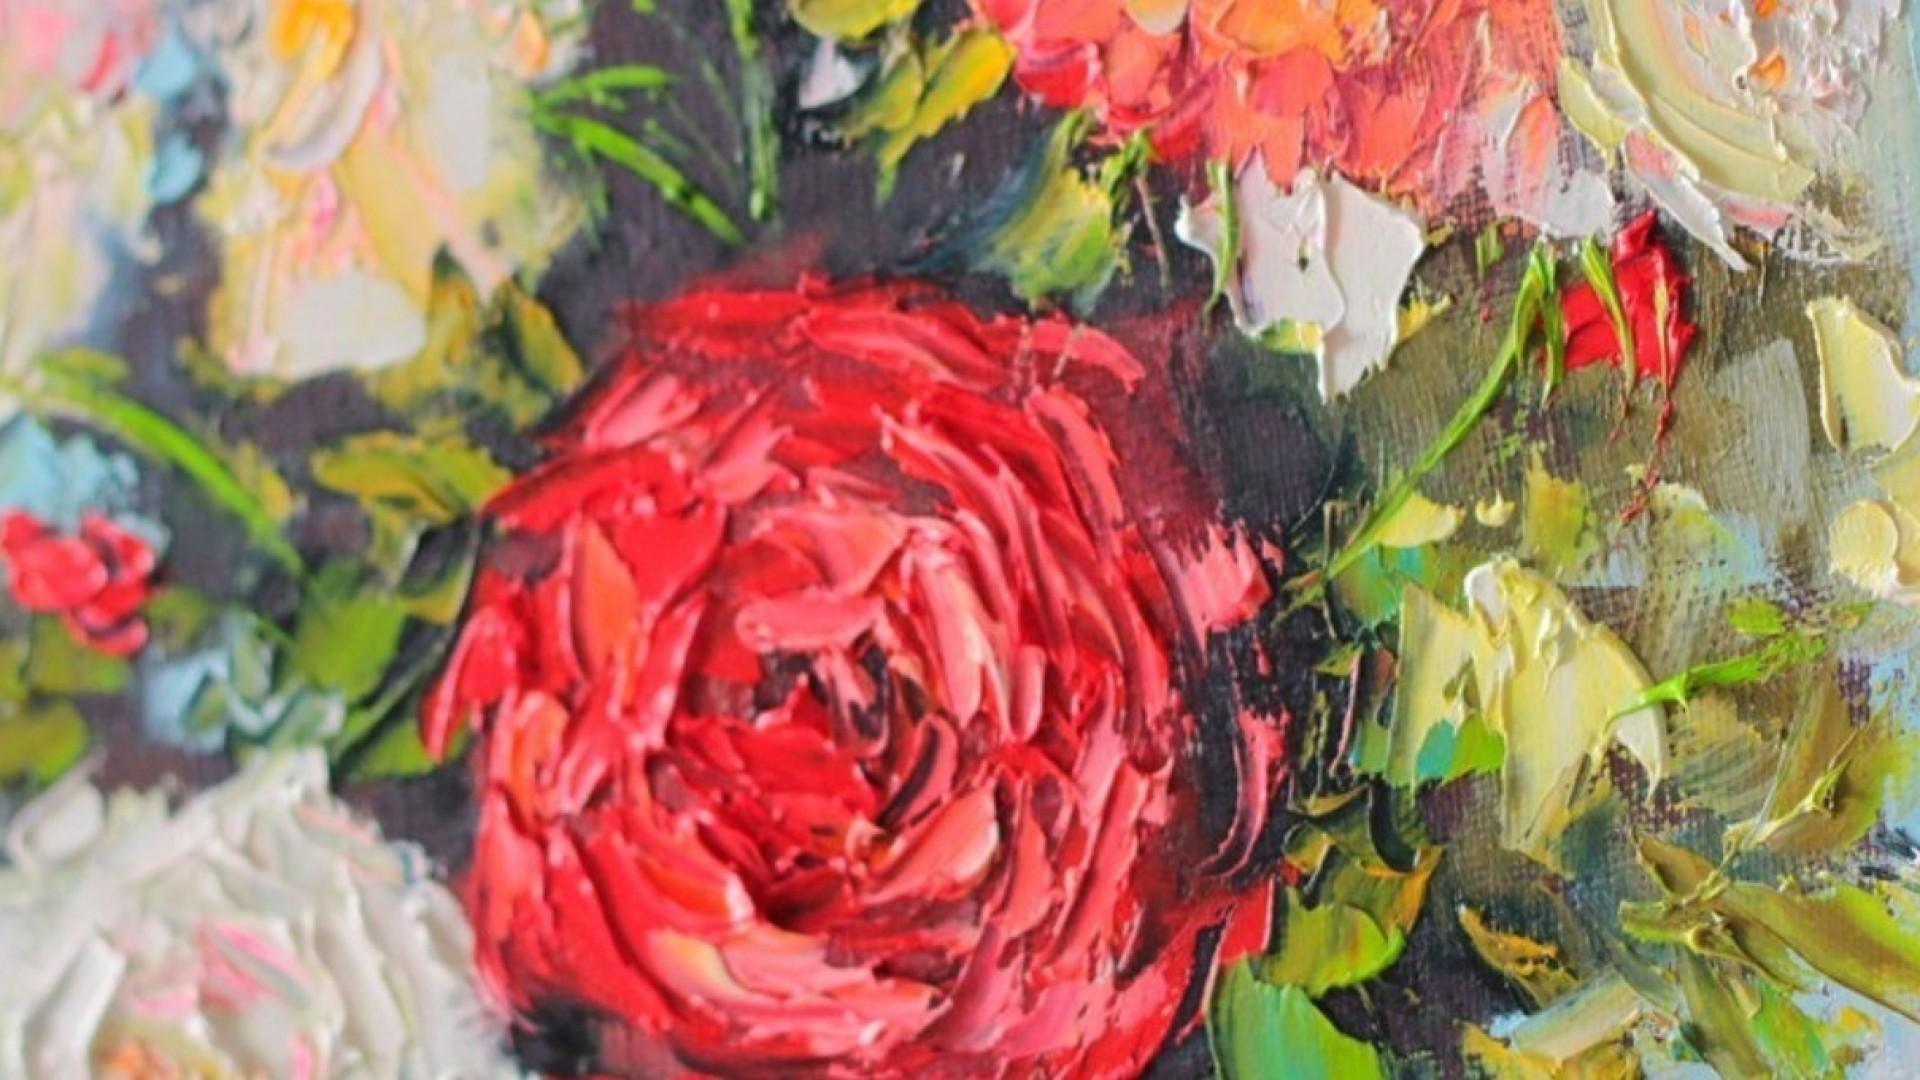 Мастер-класс по живописи: пишем розы